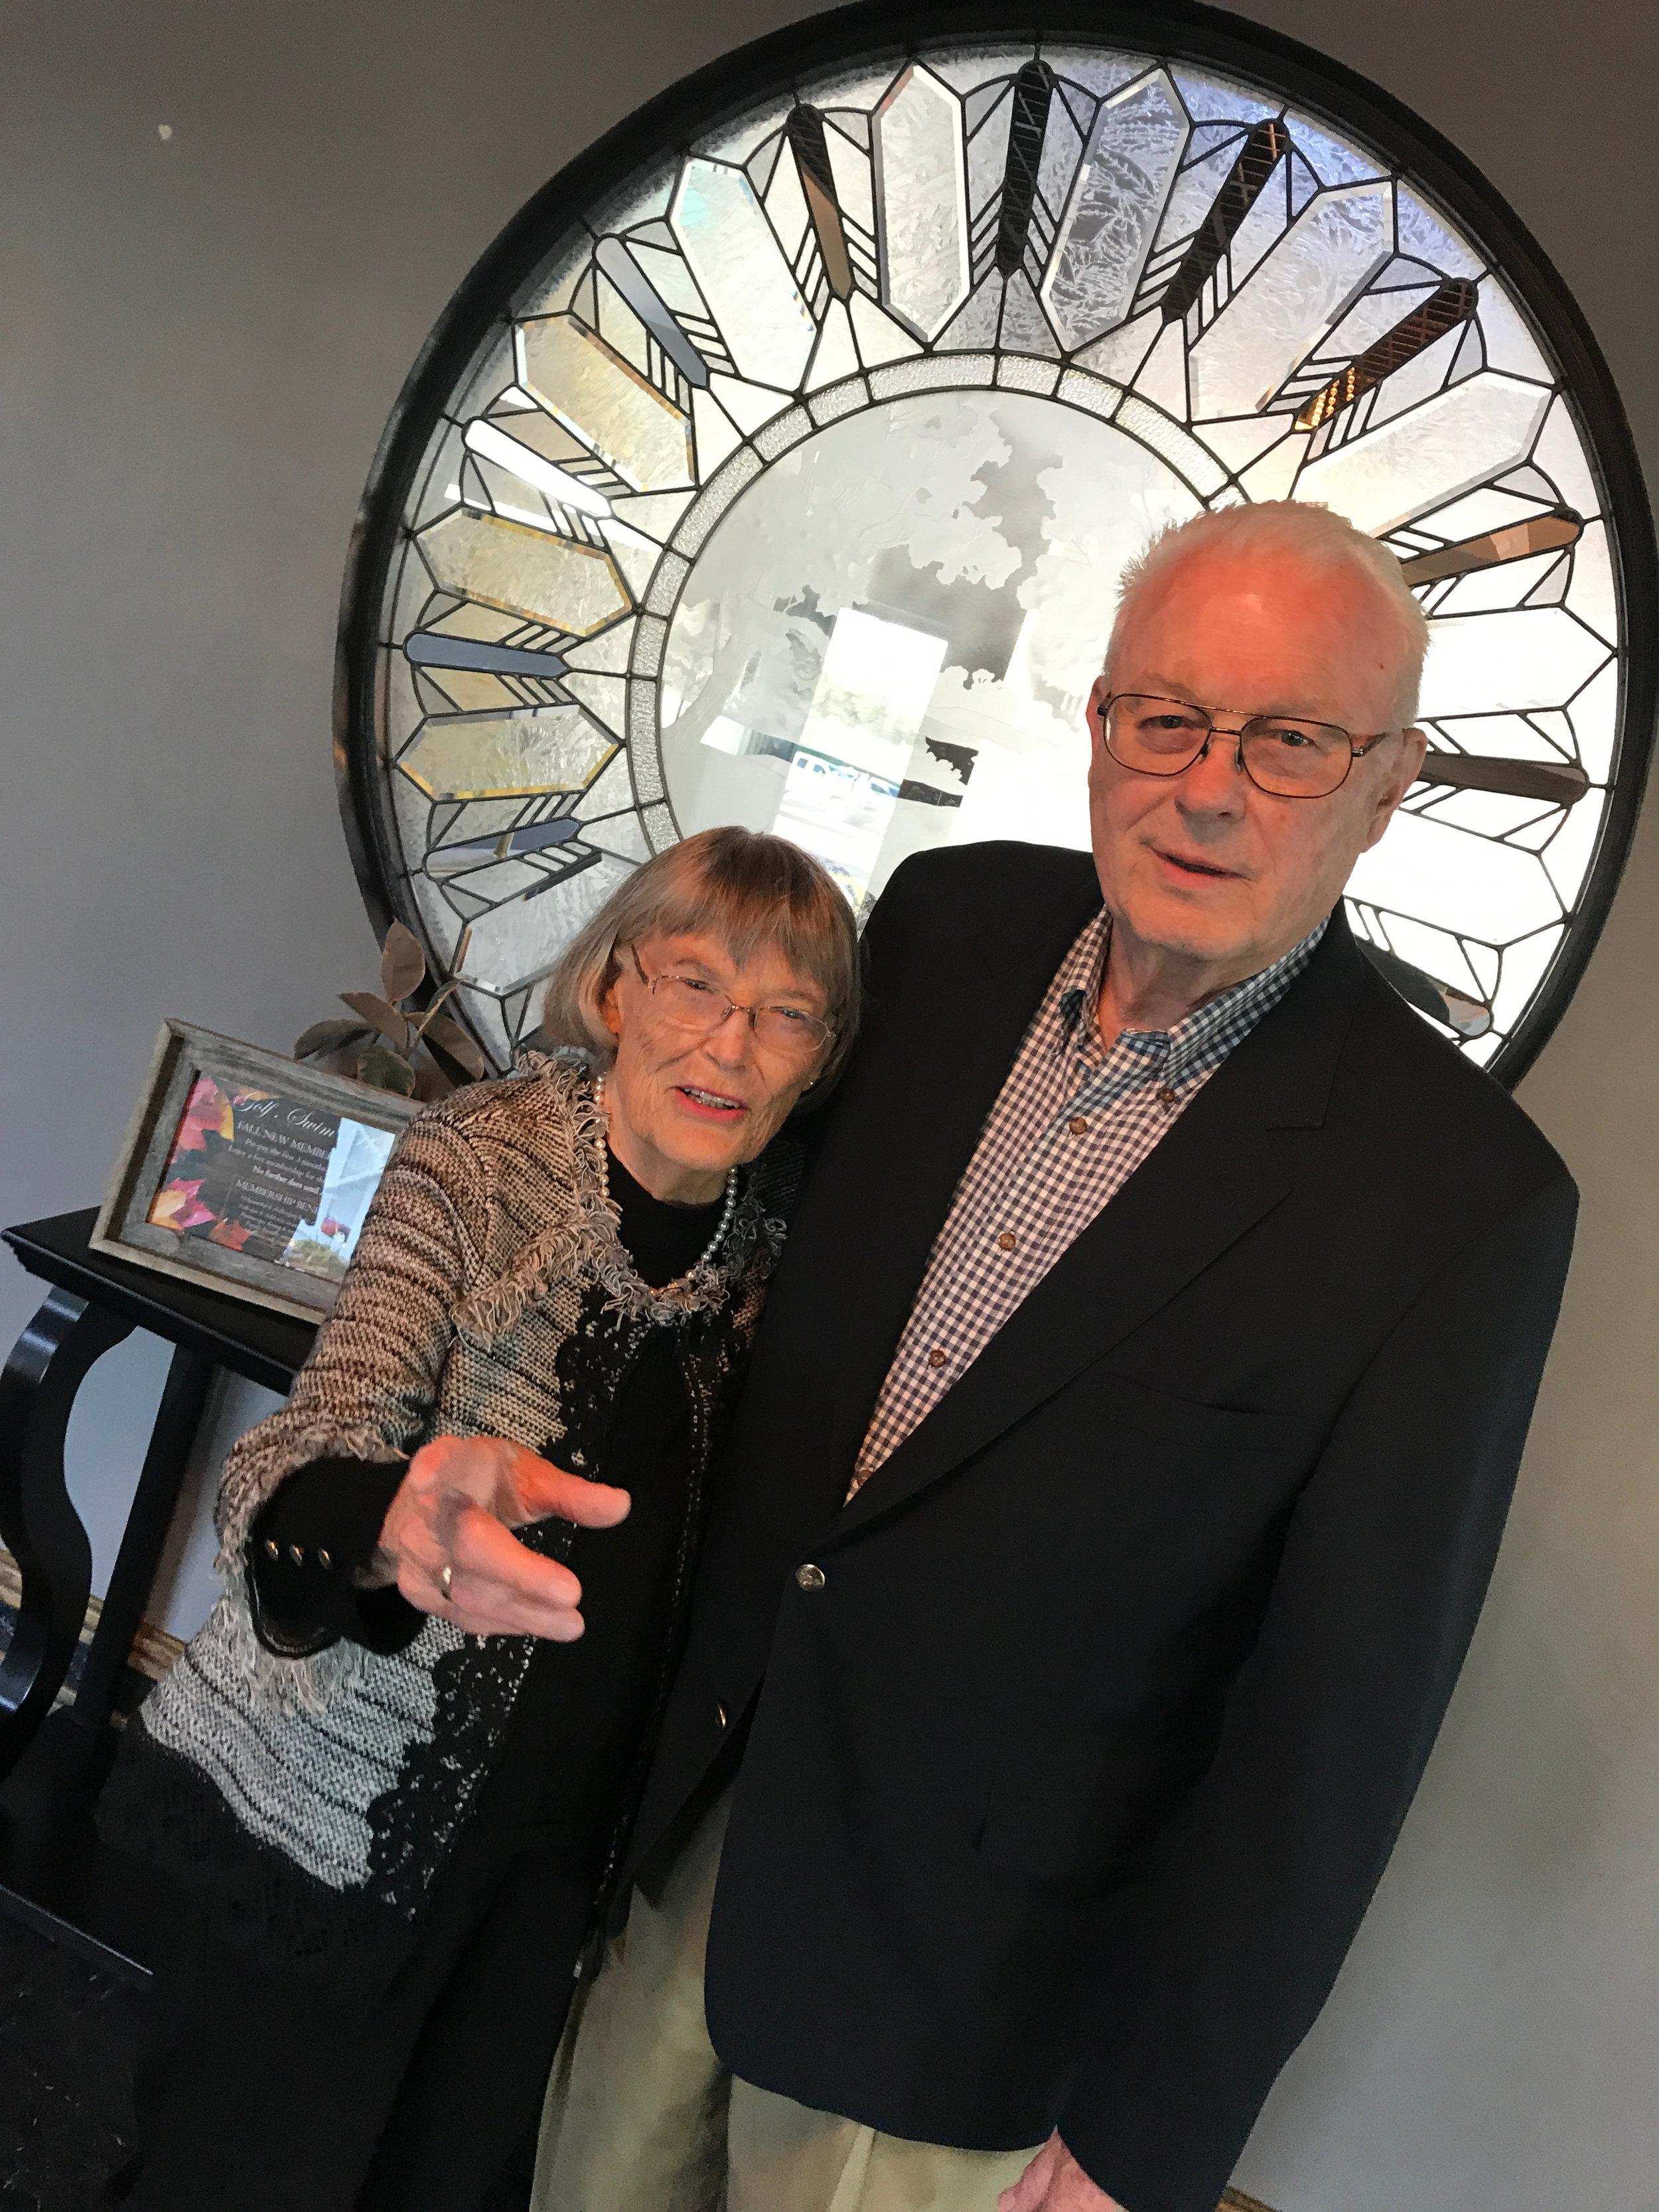 Joanne and Jim Dalglish – indulgent parents